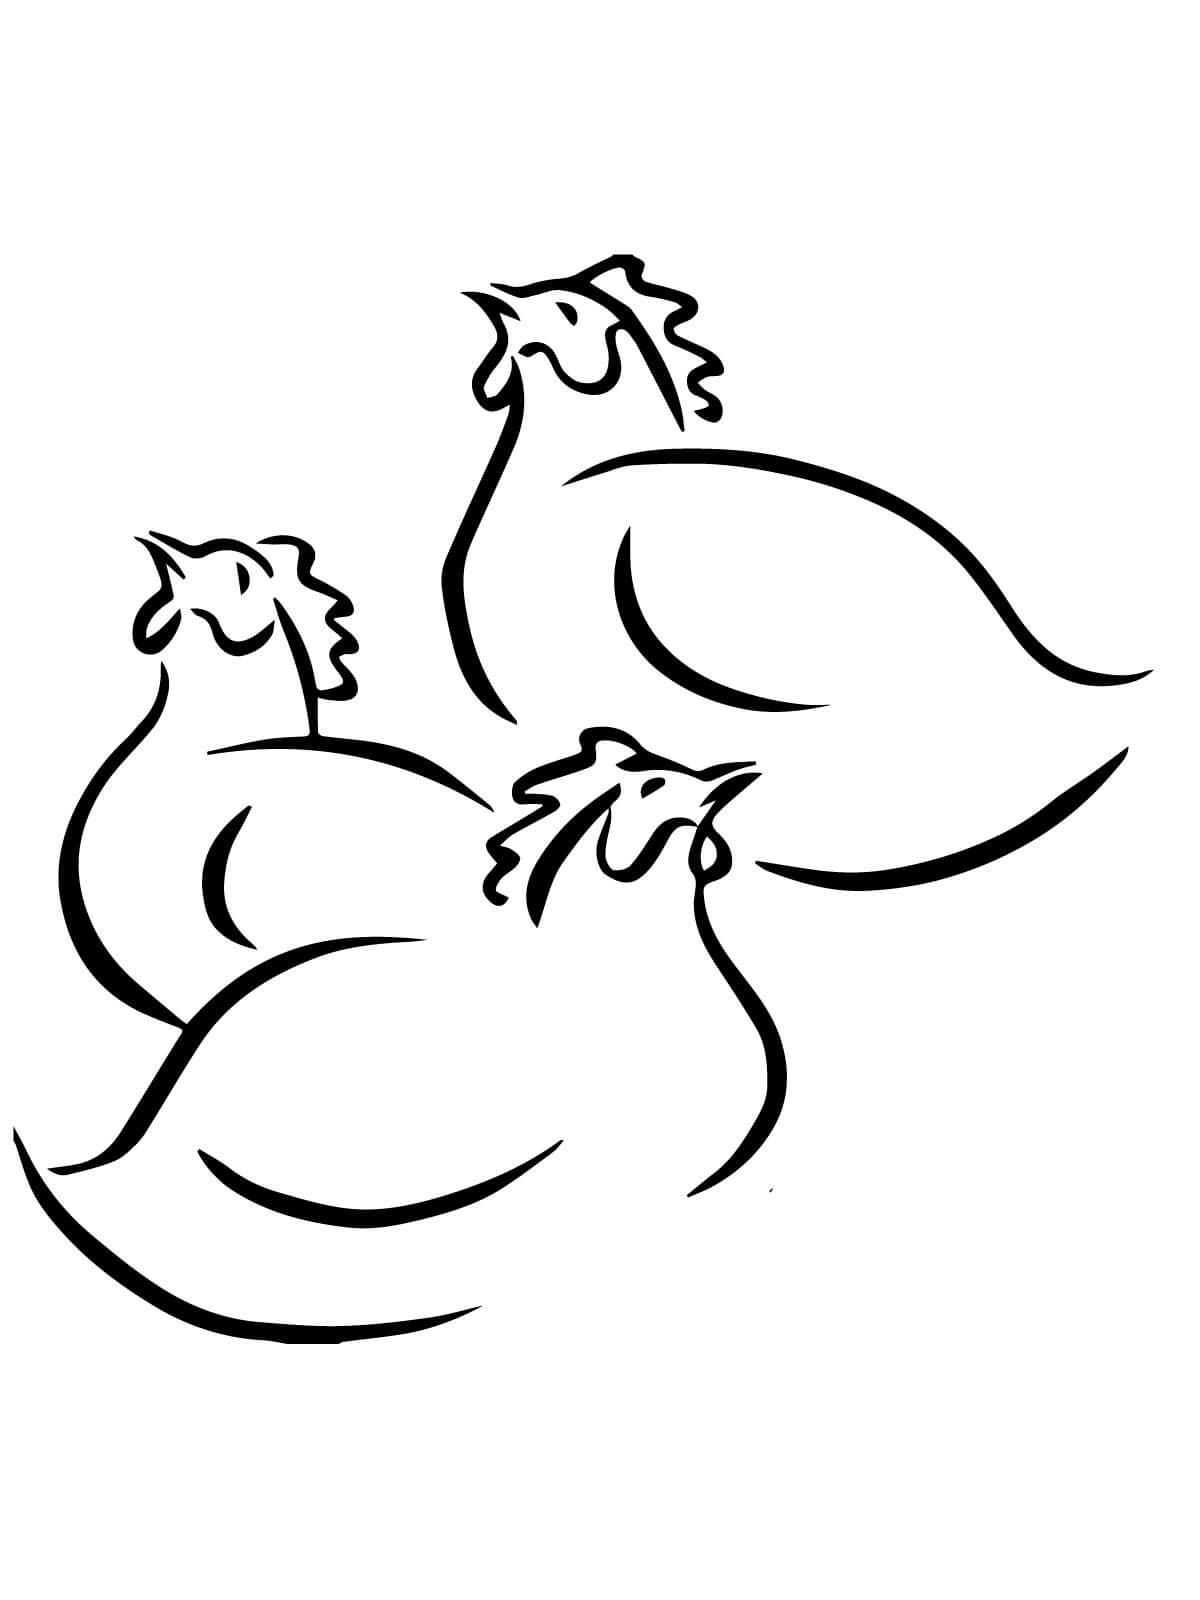 Tranh tô màu đàn gà đơn giản cho bé